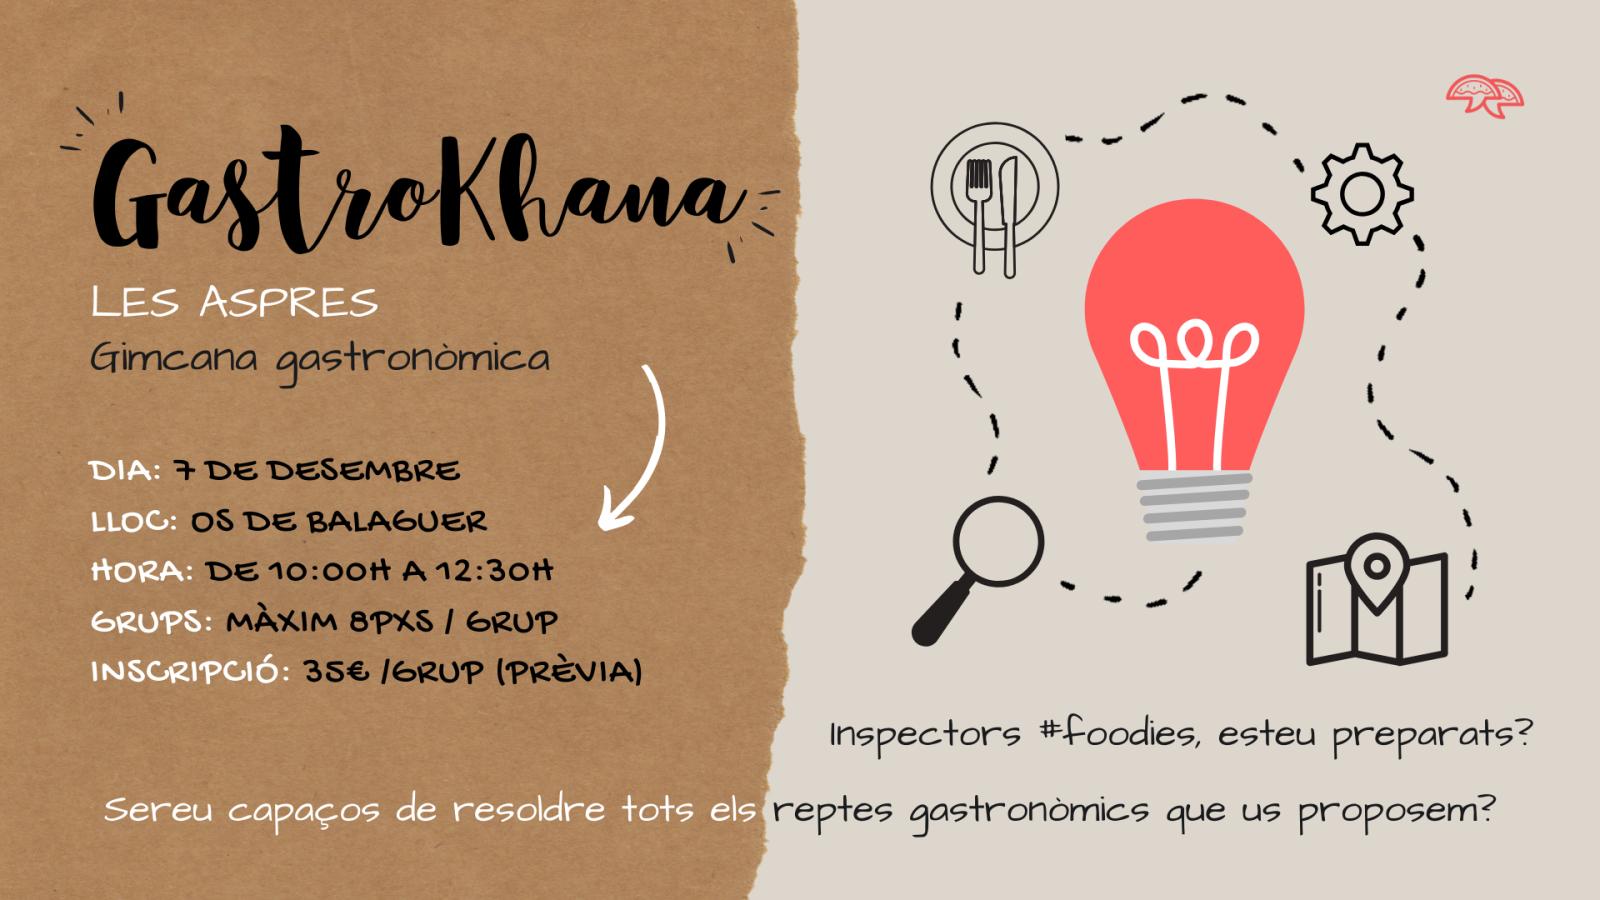 GastroKhana, la gimcana gastronòmica de les Aspres